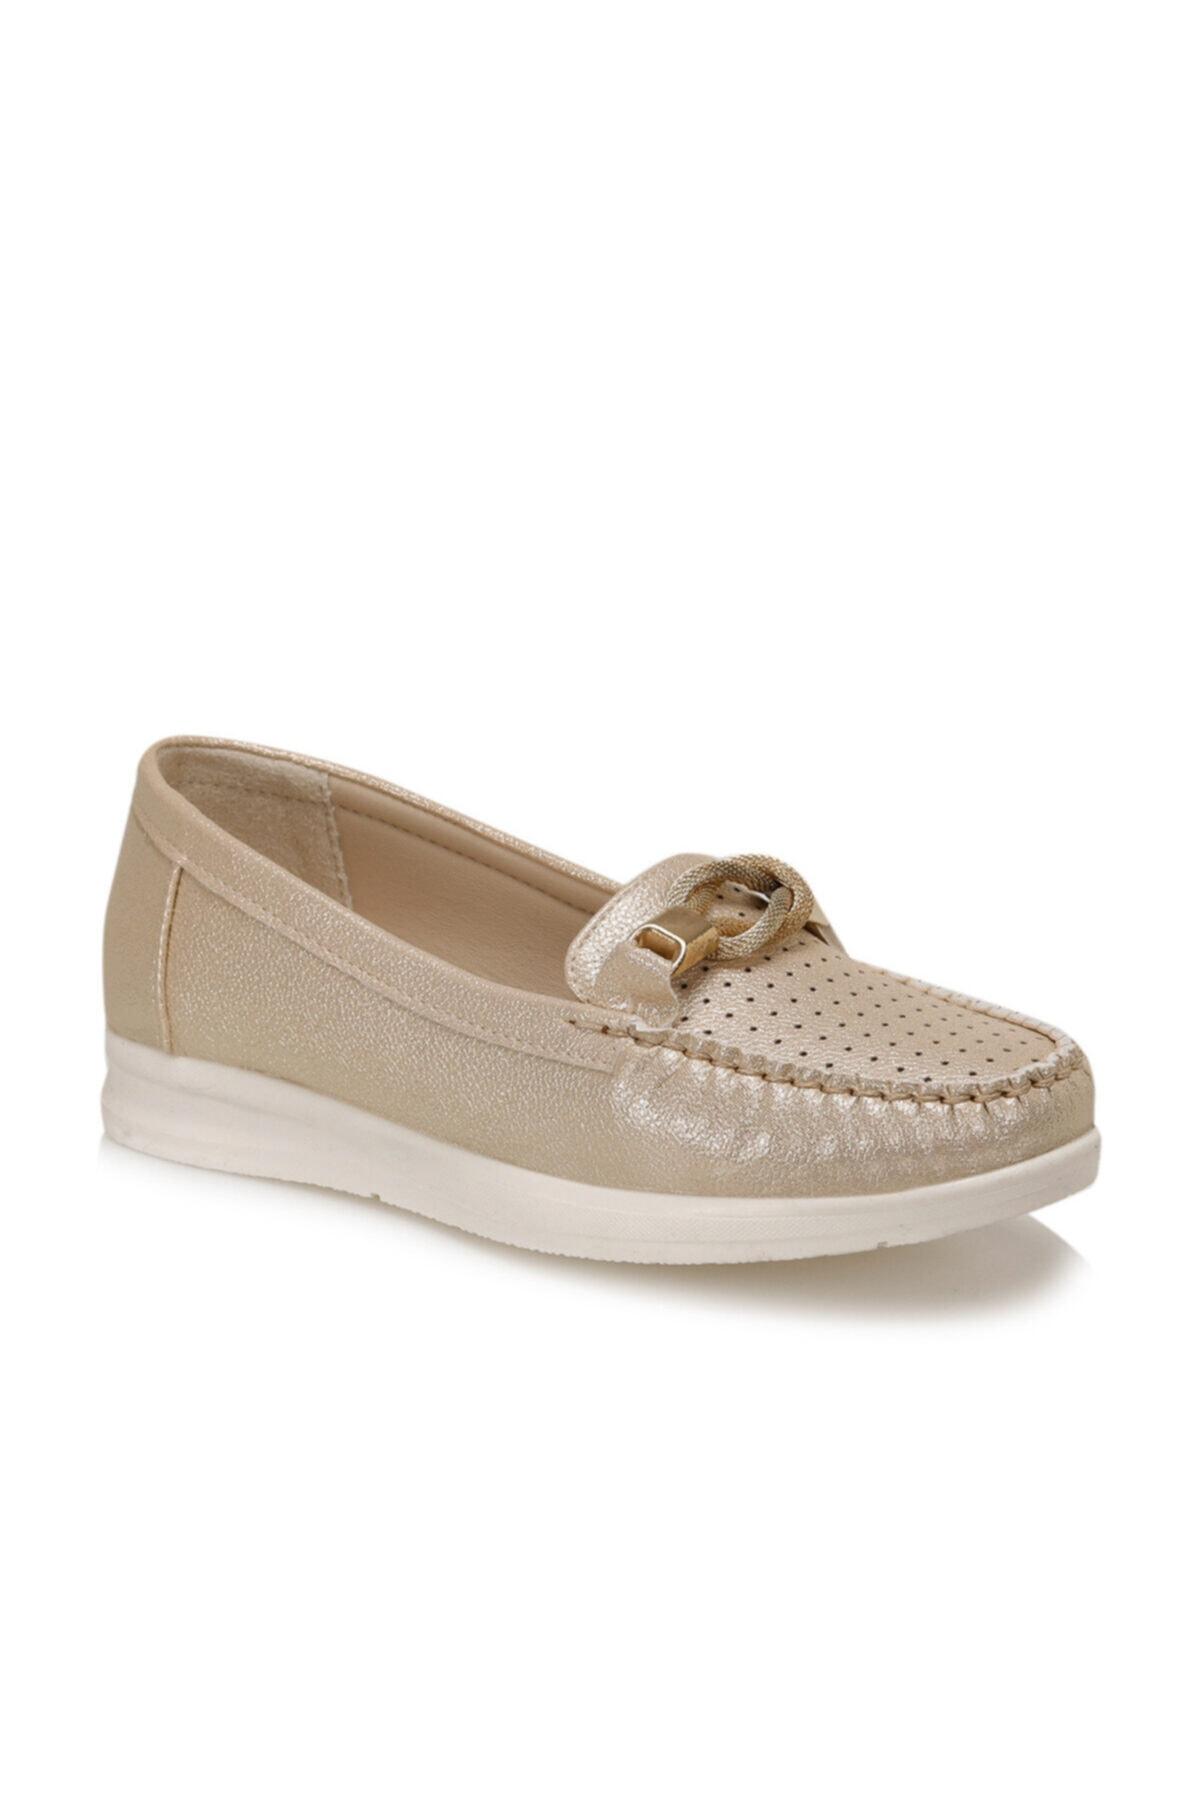 Polaris 161218.Z Altın Kadın Ayakkabı 100512243 1